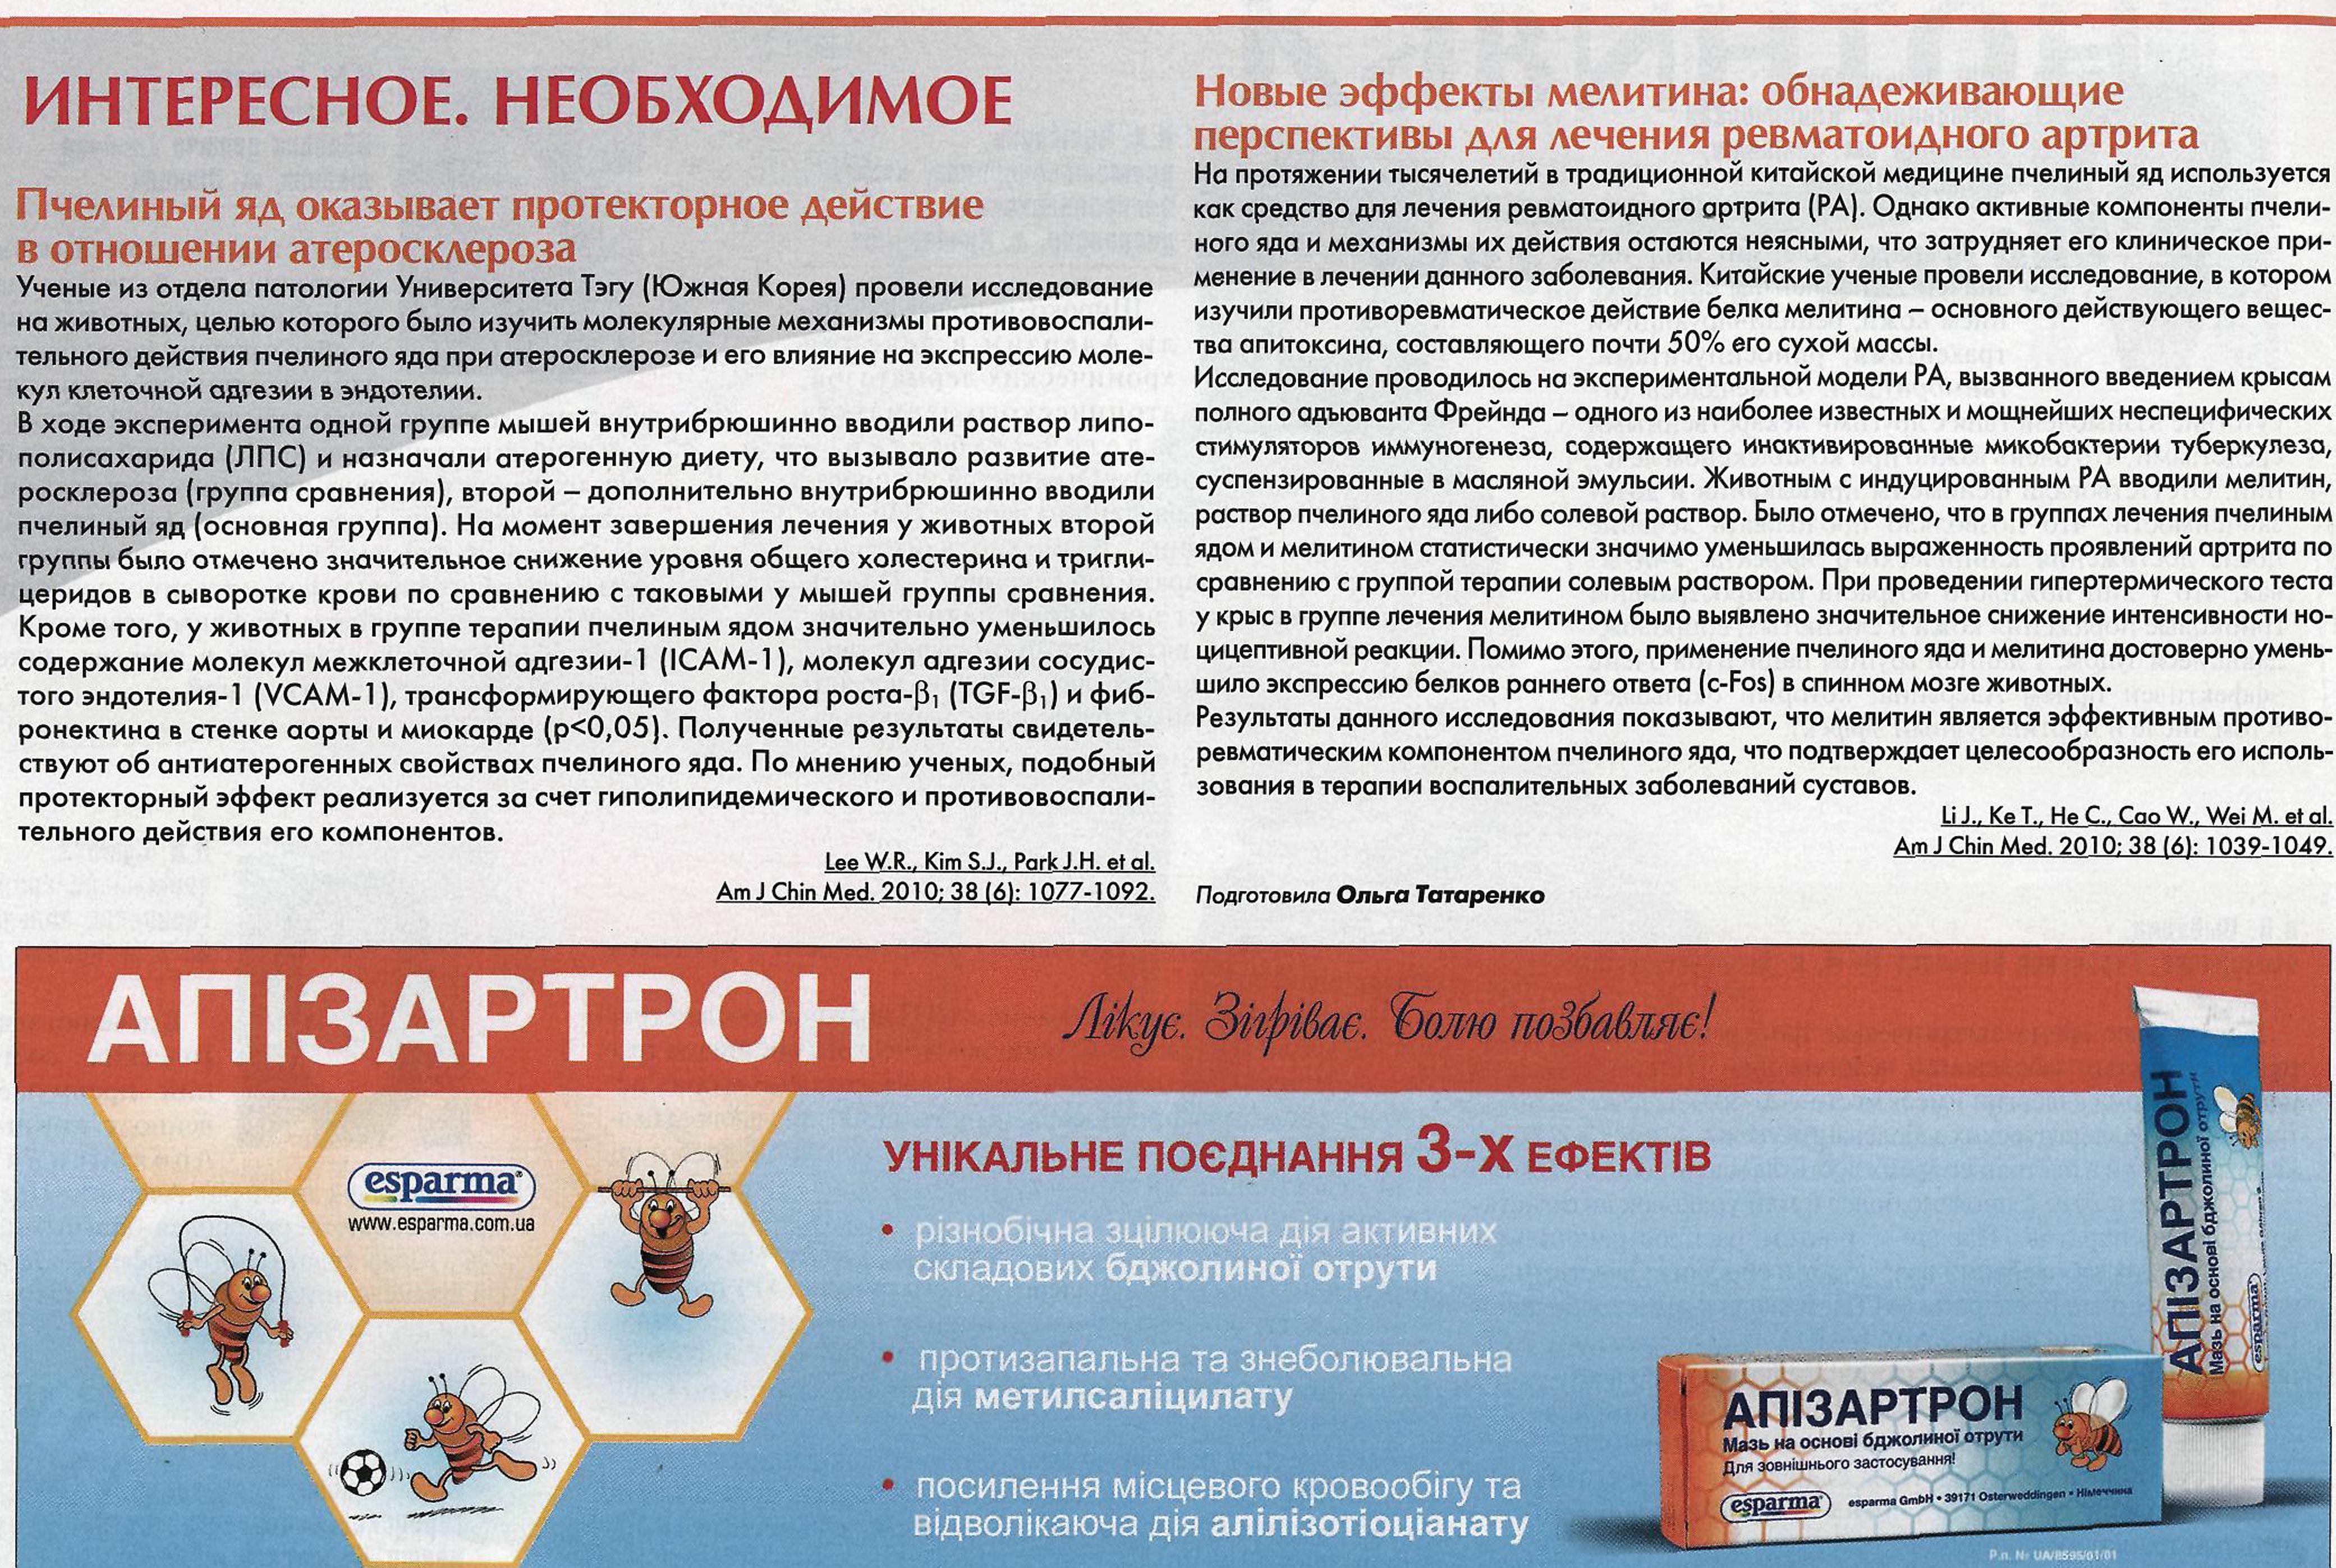 Лечении пчелами ревматоидного артрита